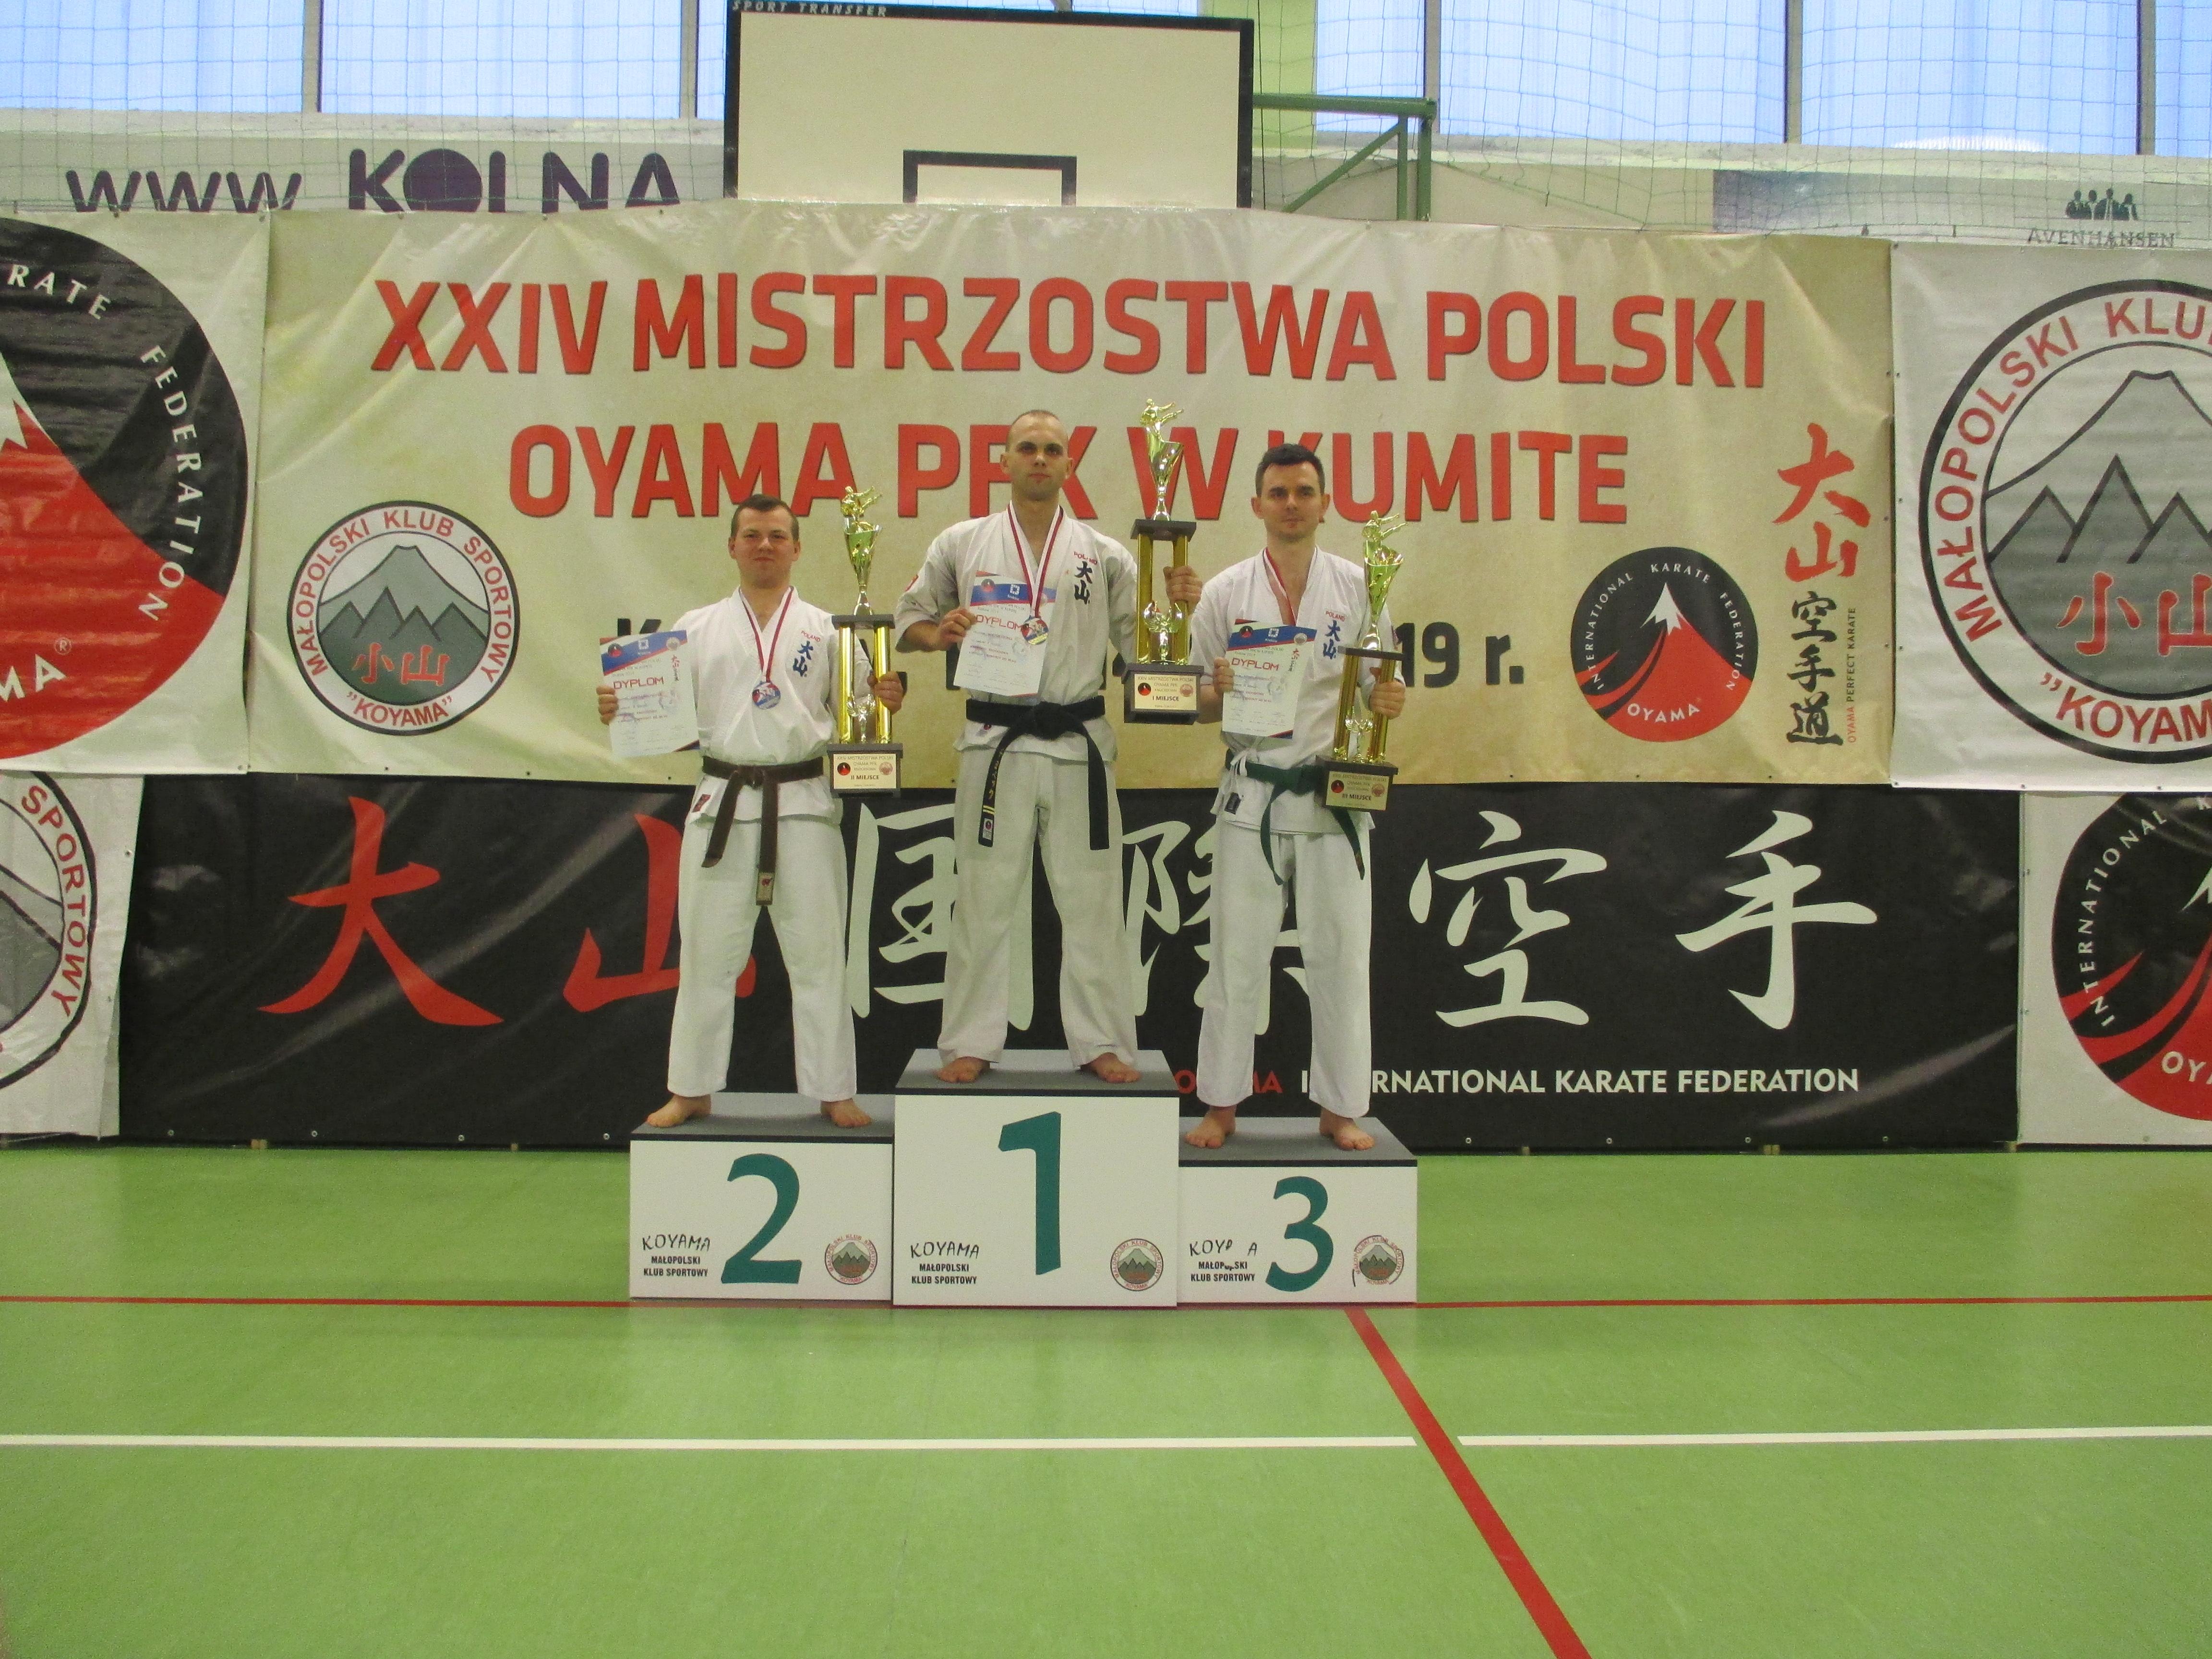 Wiktor Czopek stanął w Krakowie na najwyższym stopniu podium, zdobywając tytuł mistrza Polski w formule knockdown. Fot. zbiory KOK Brzeszcze